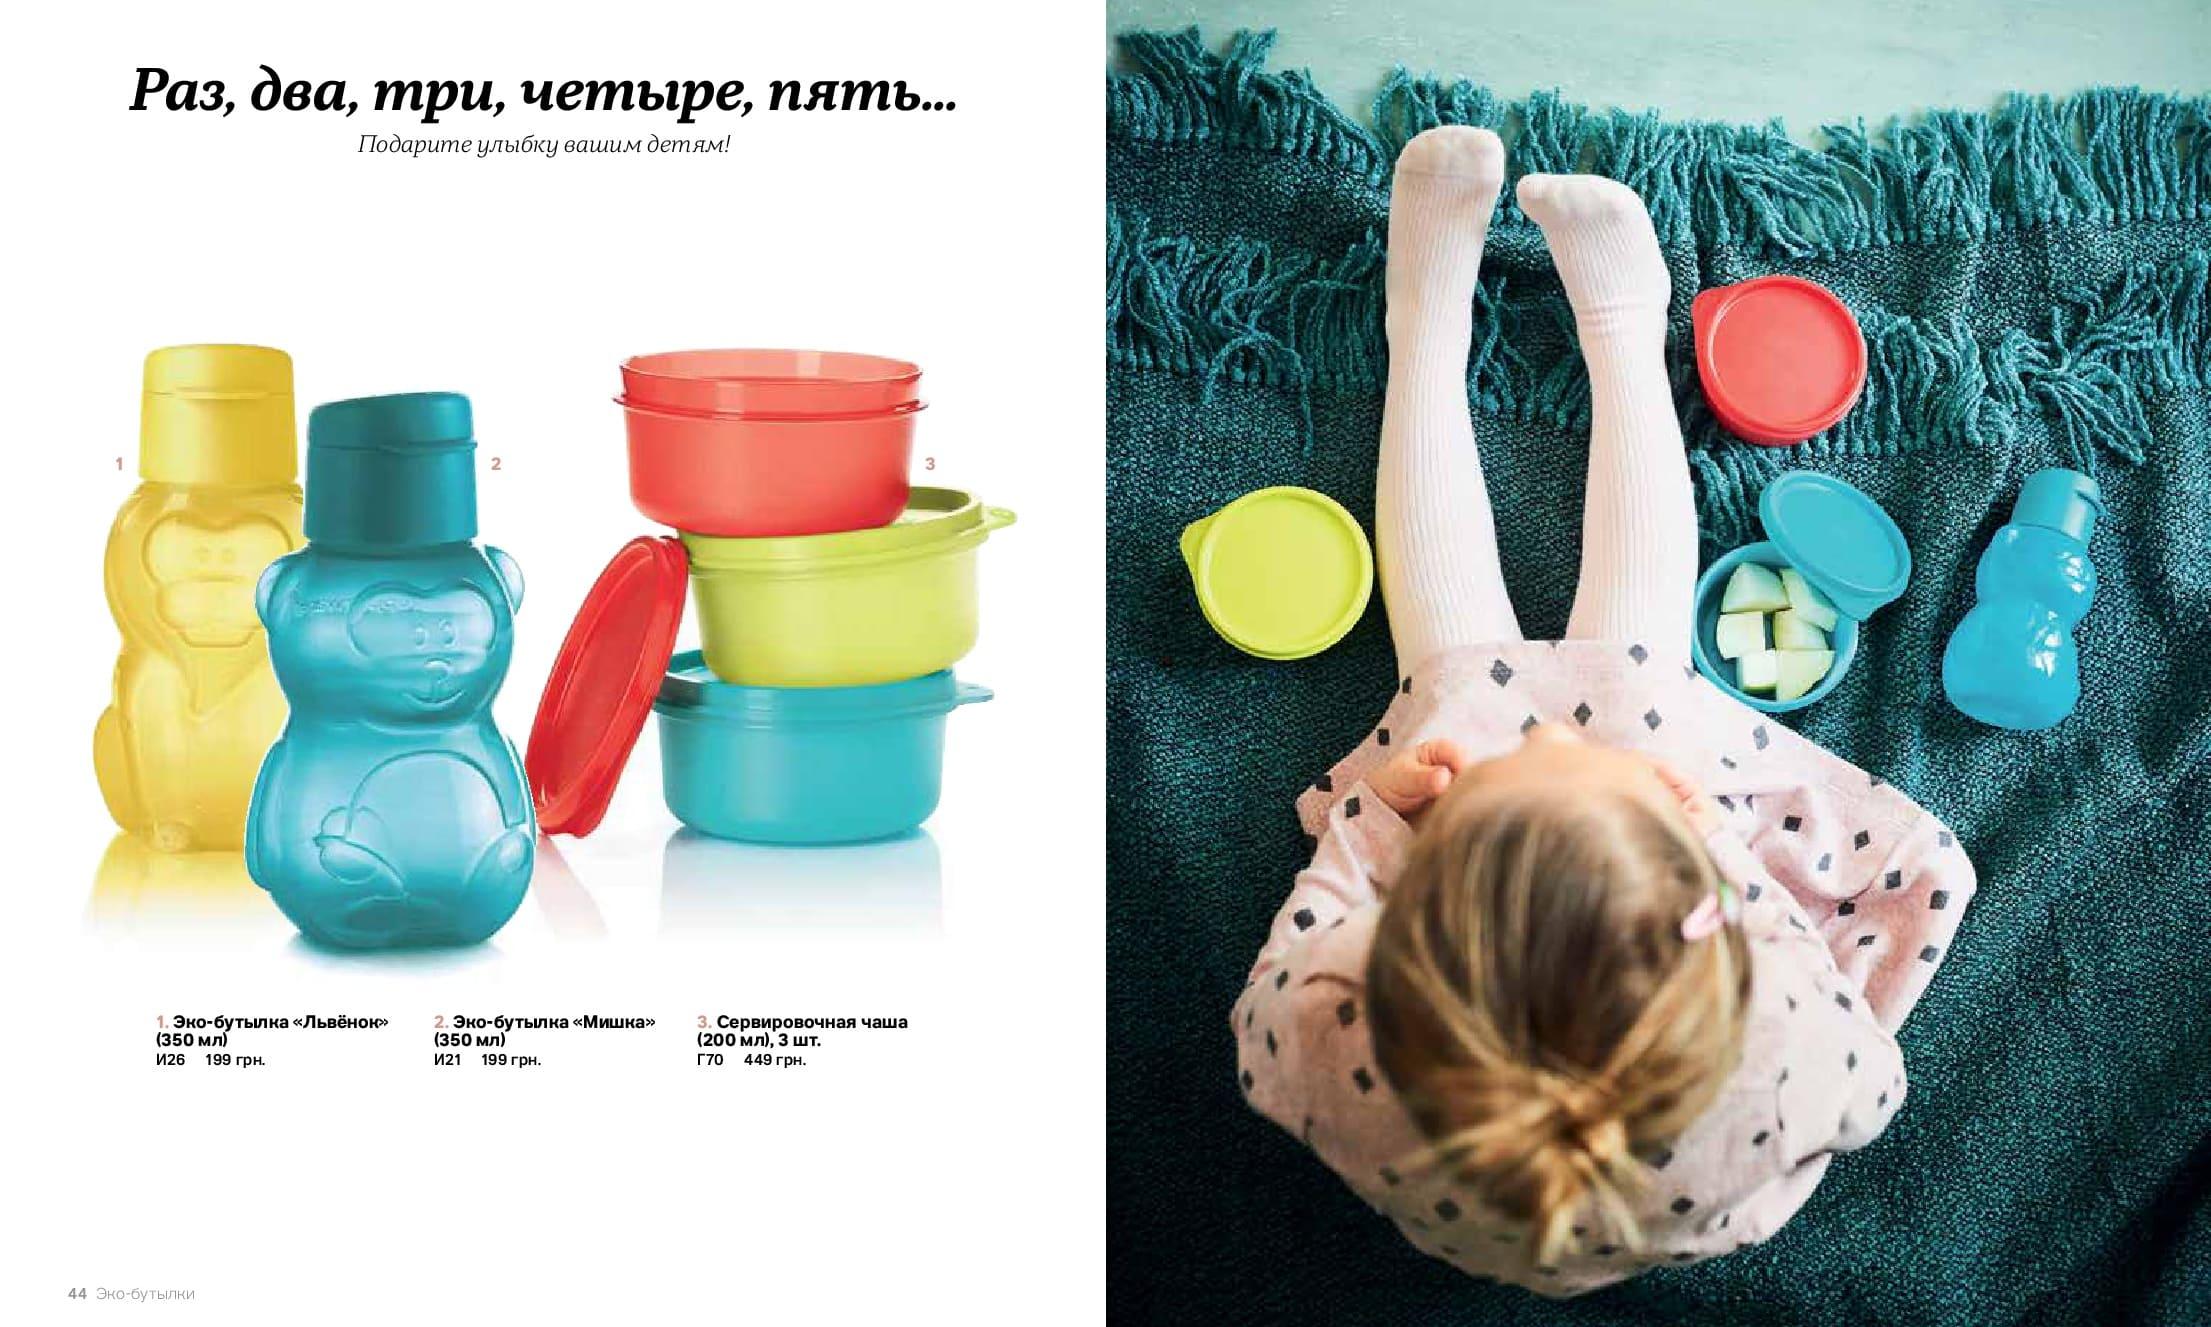 Детская посуда тапервер – залог отличного аппетита Вашего ребёнка! Ведь яркий и разработанный специально для малышей дизайн изделий привлечёт внимание детей и превратит процесс кормления в весёлую игру.